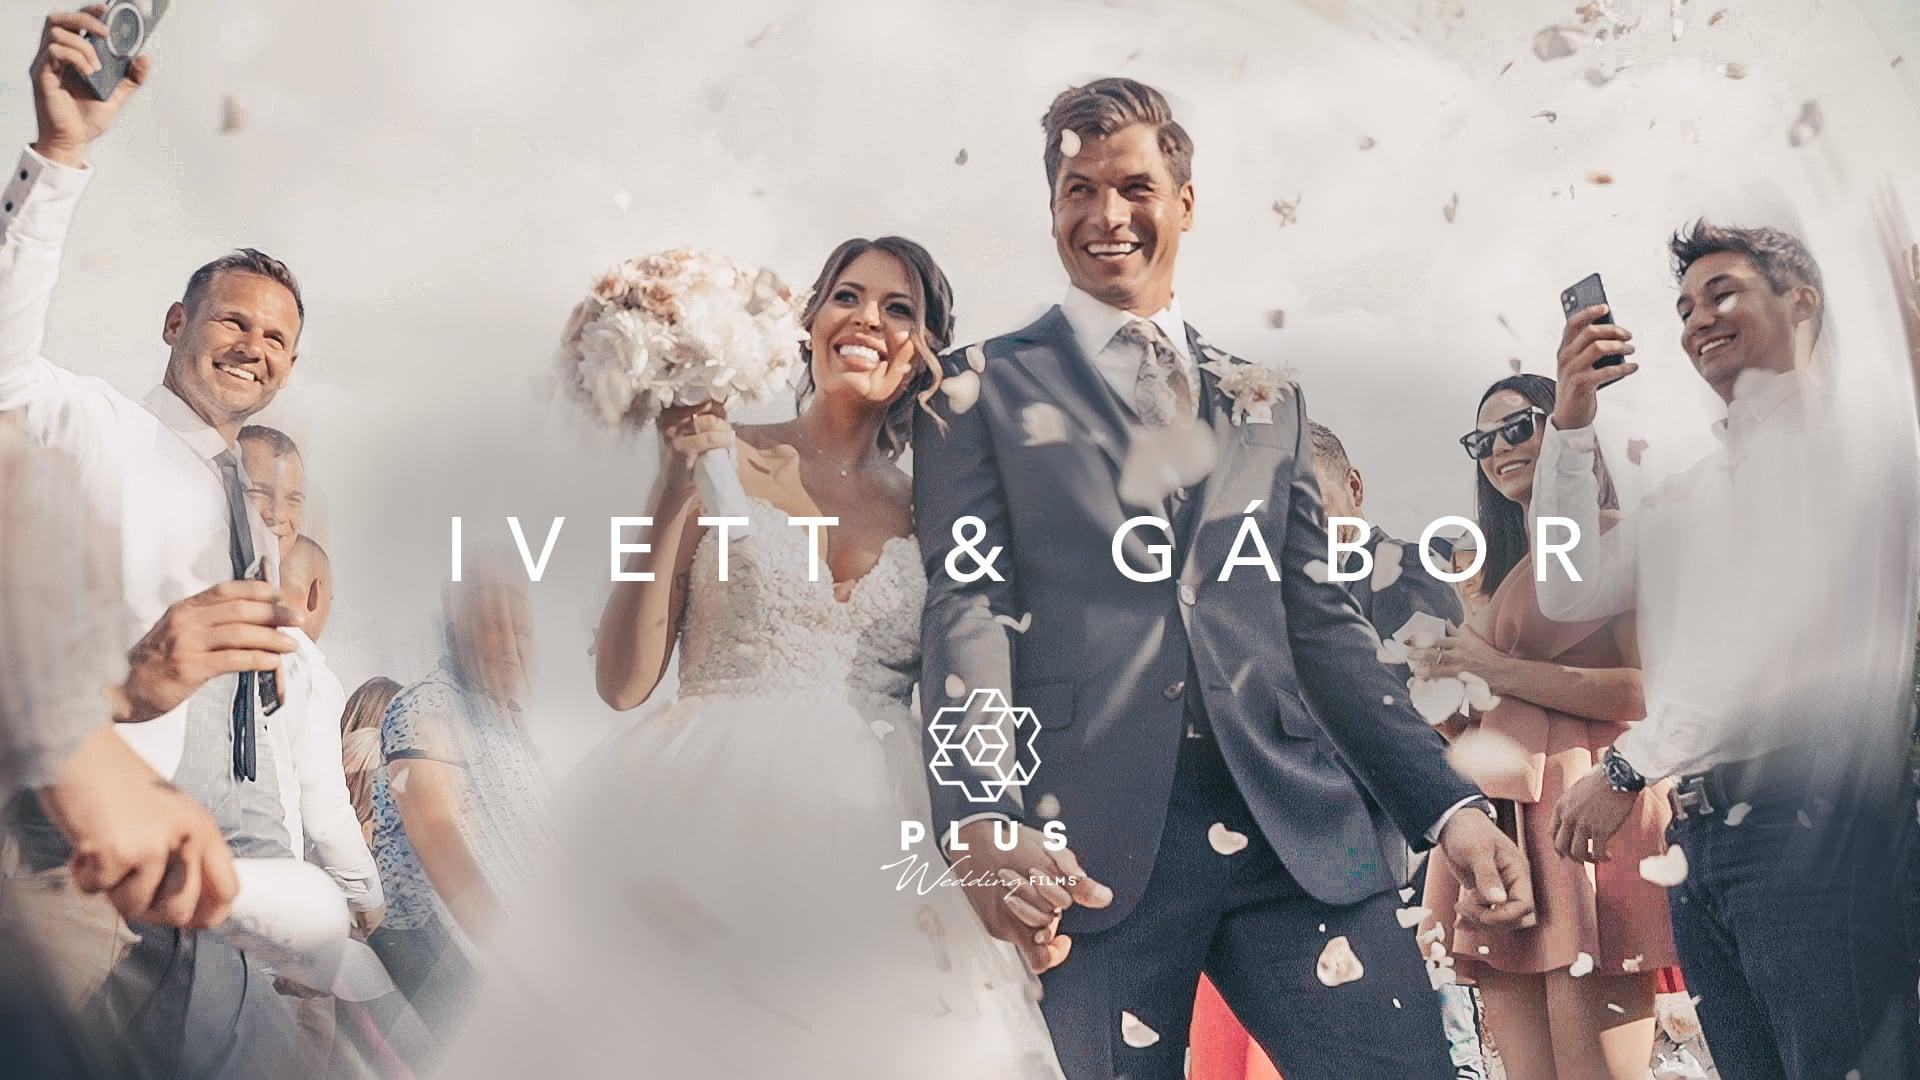 Ivett & Gábor Wedding highlights @ Villa Vitae